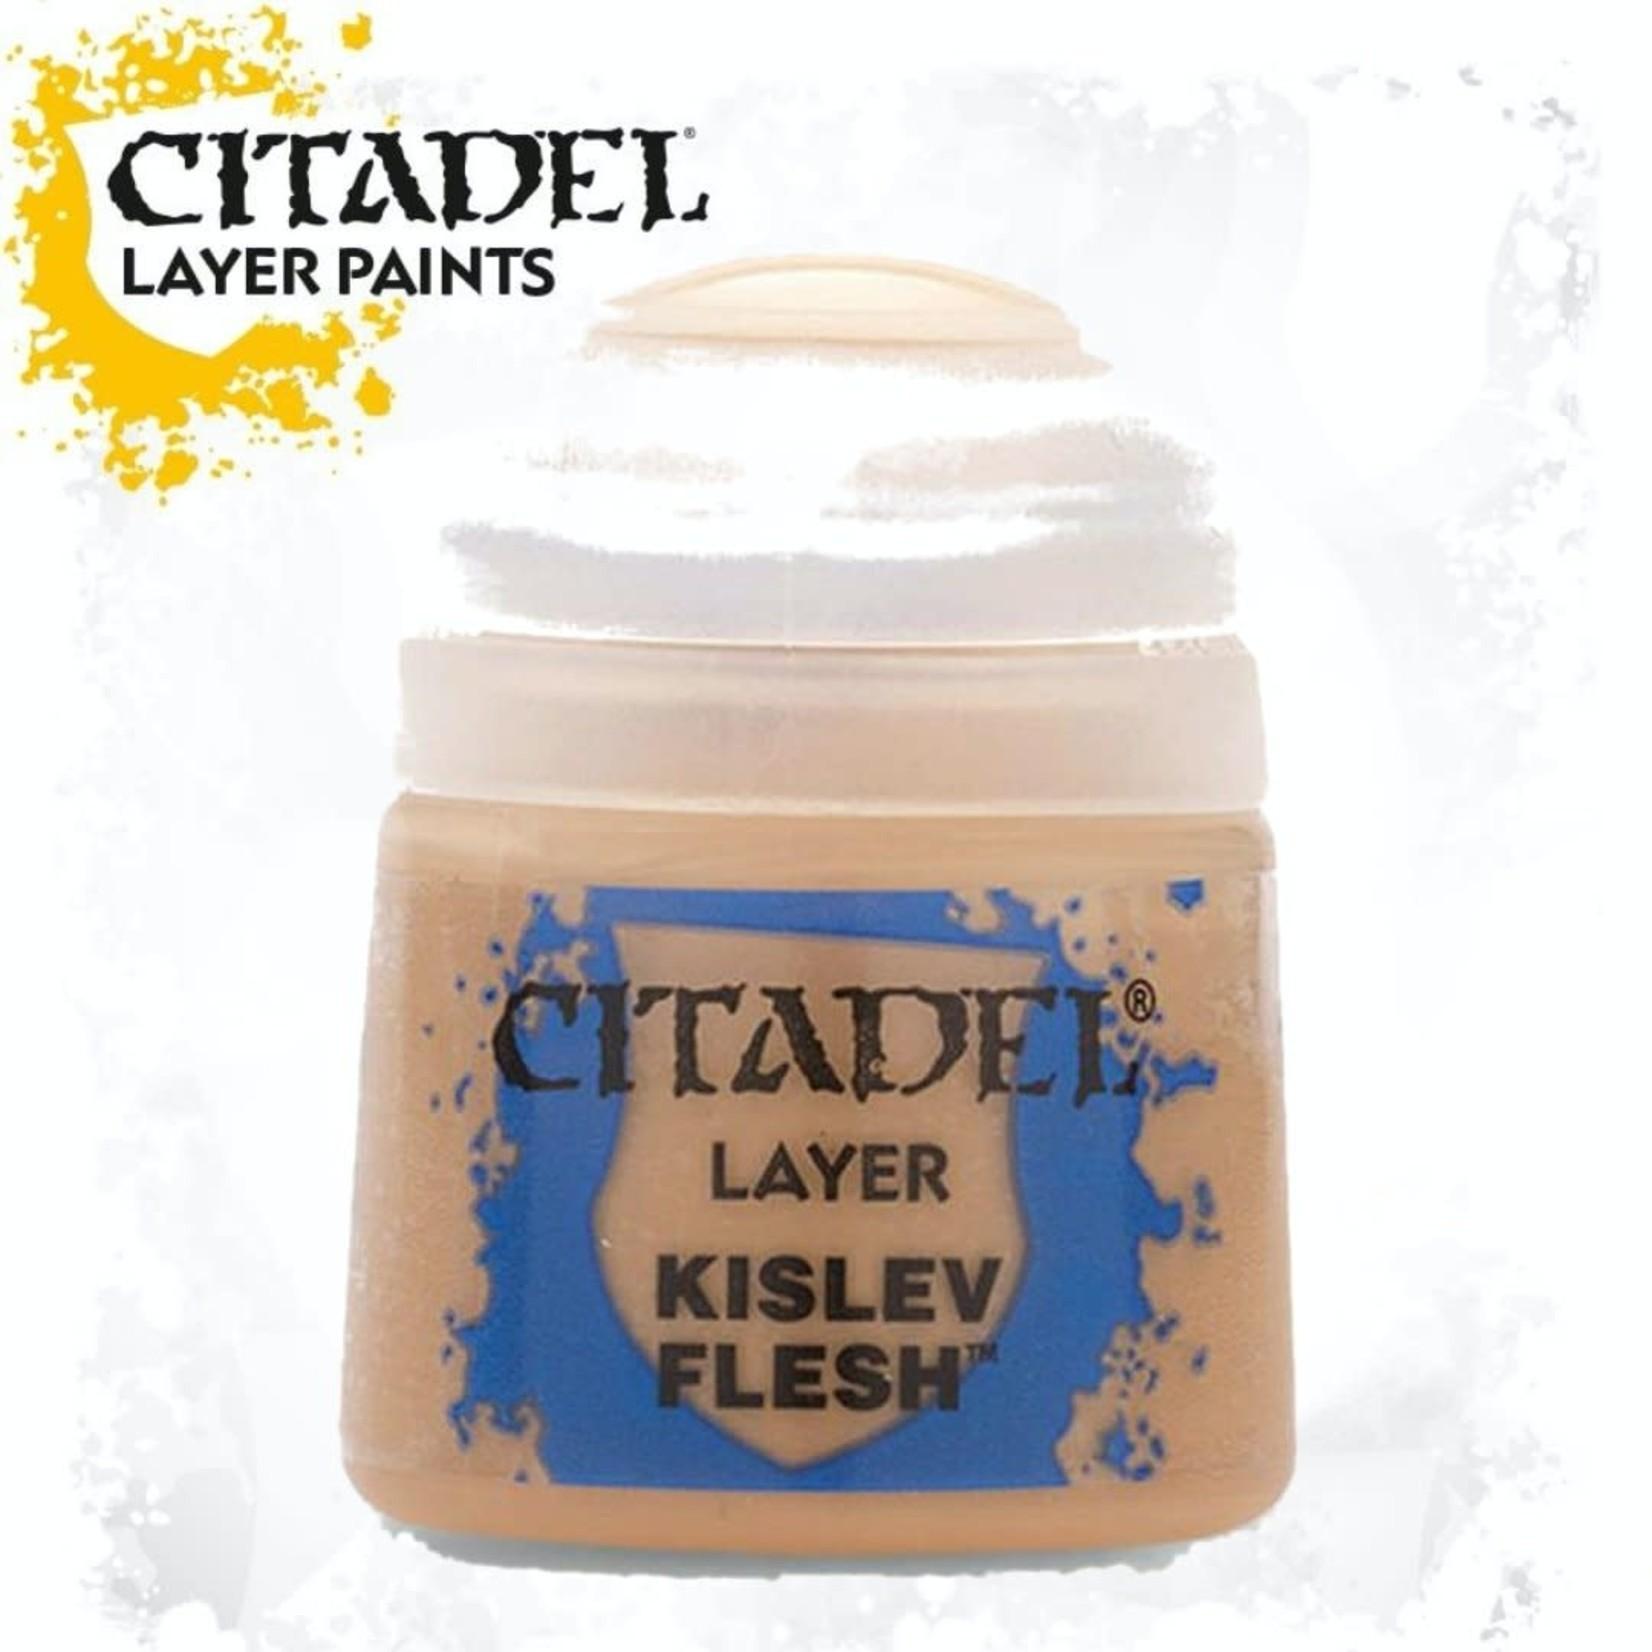 Citadel Citadel Paint - Layer: Kislev Flesh